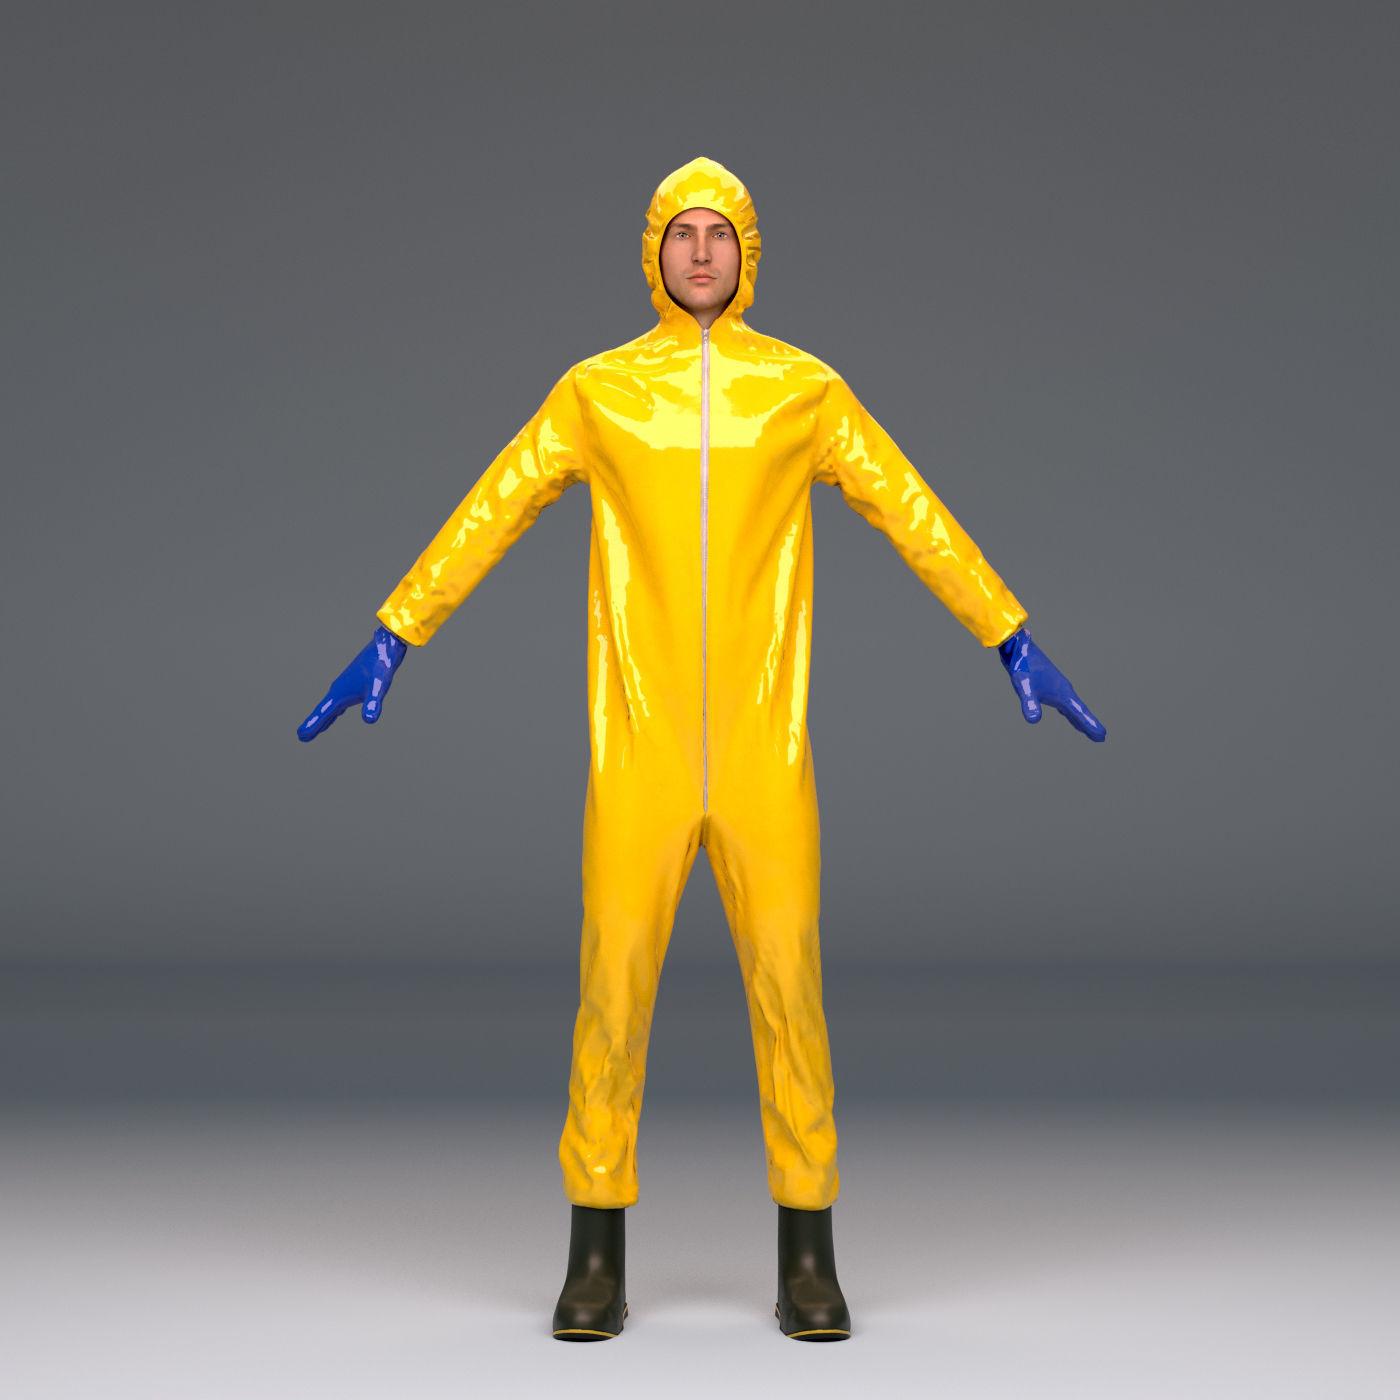 Biohazard protective hazmat suit